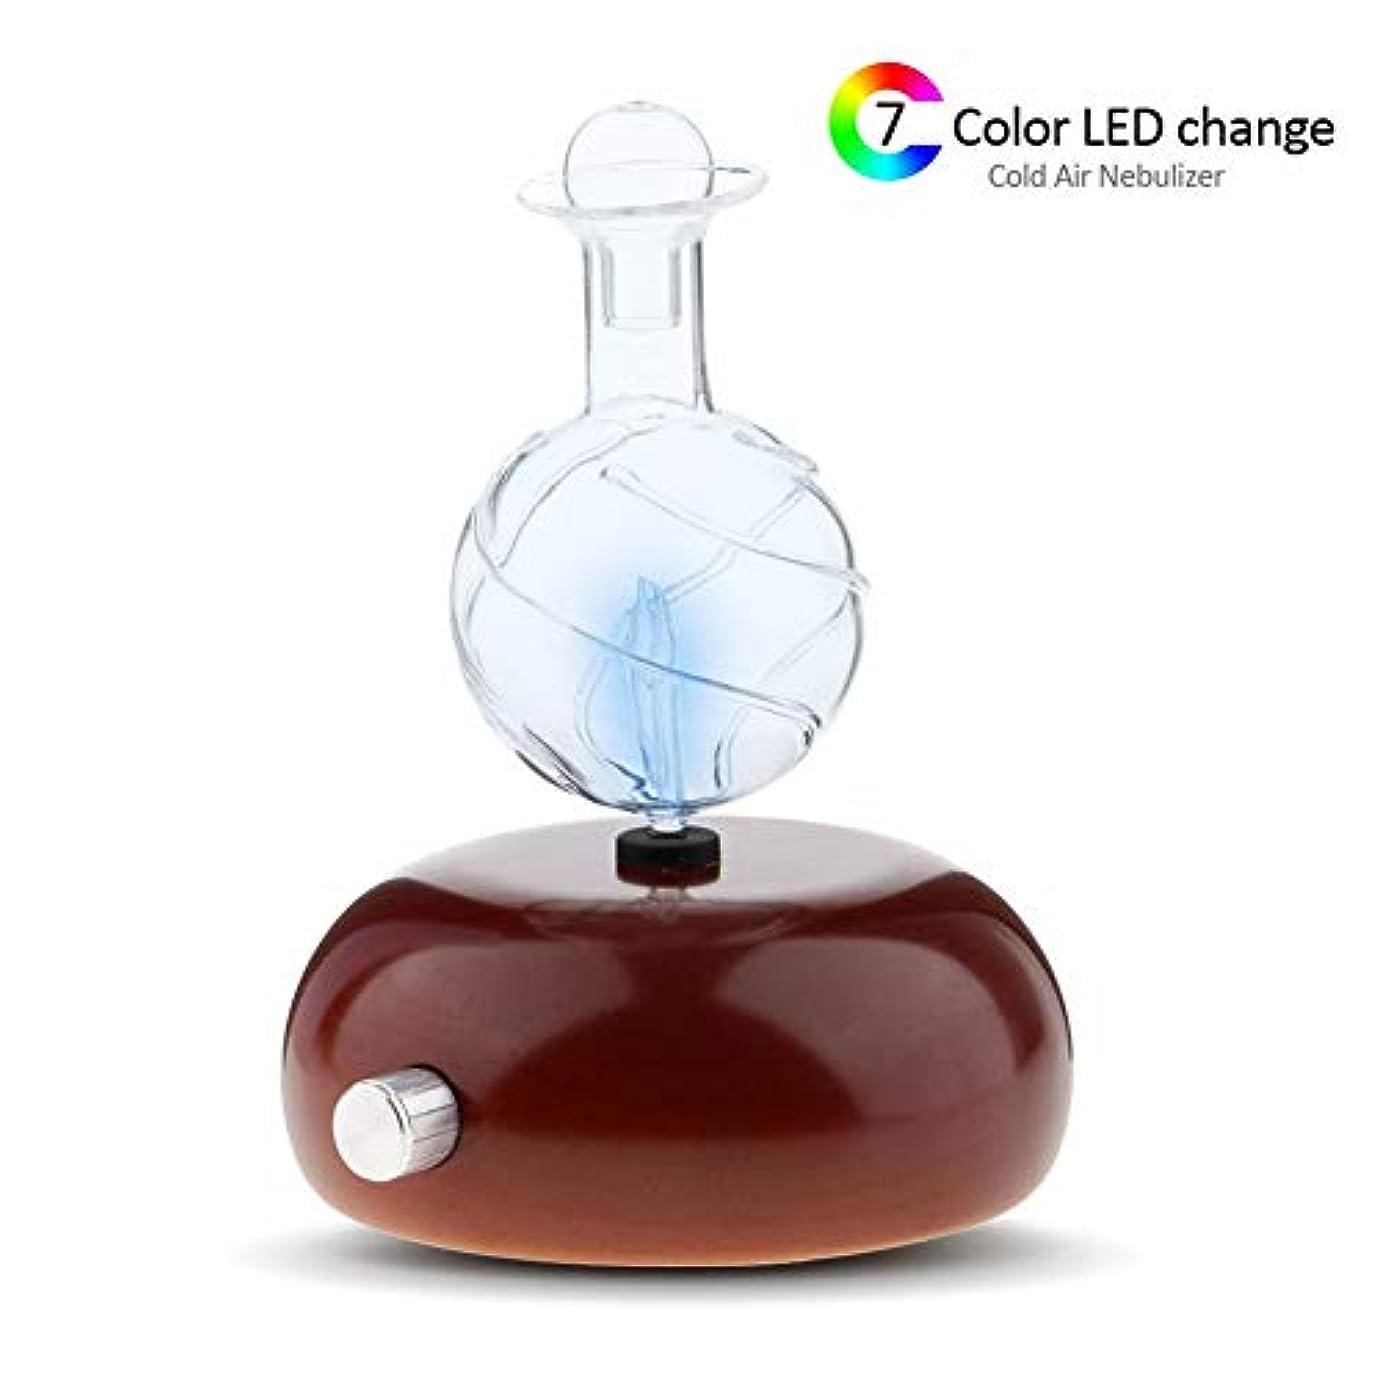 歌詞多数のかんたん家庭用エッセンシャルオイルディフューザー、アロマエッセンシャルオイルクールミスト加湿器水なし自動シャットオフおよび7色LEDライト,A